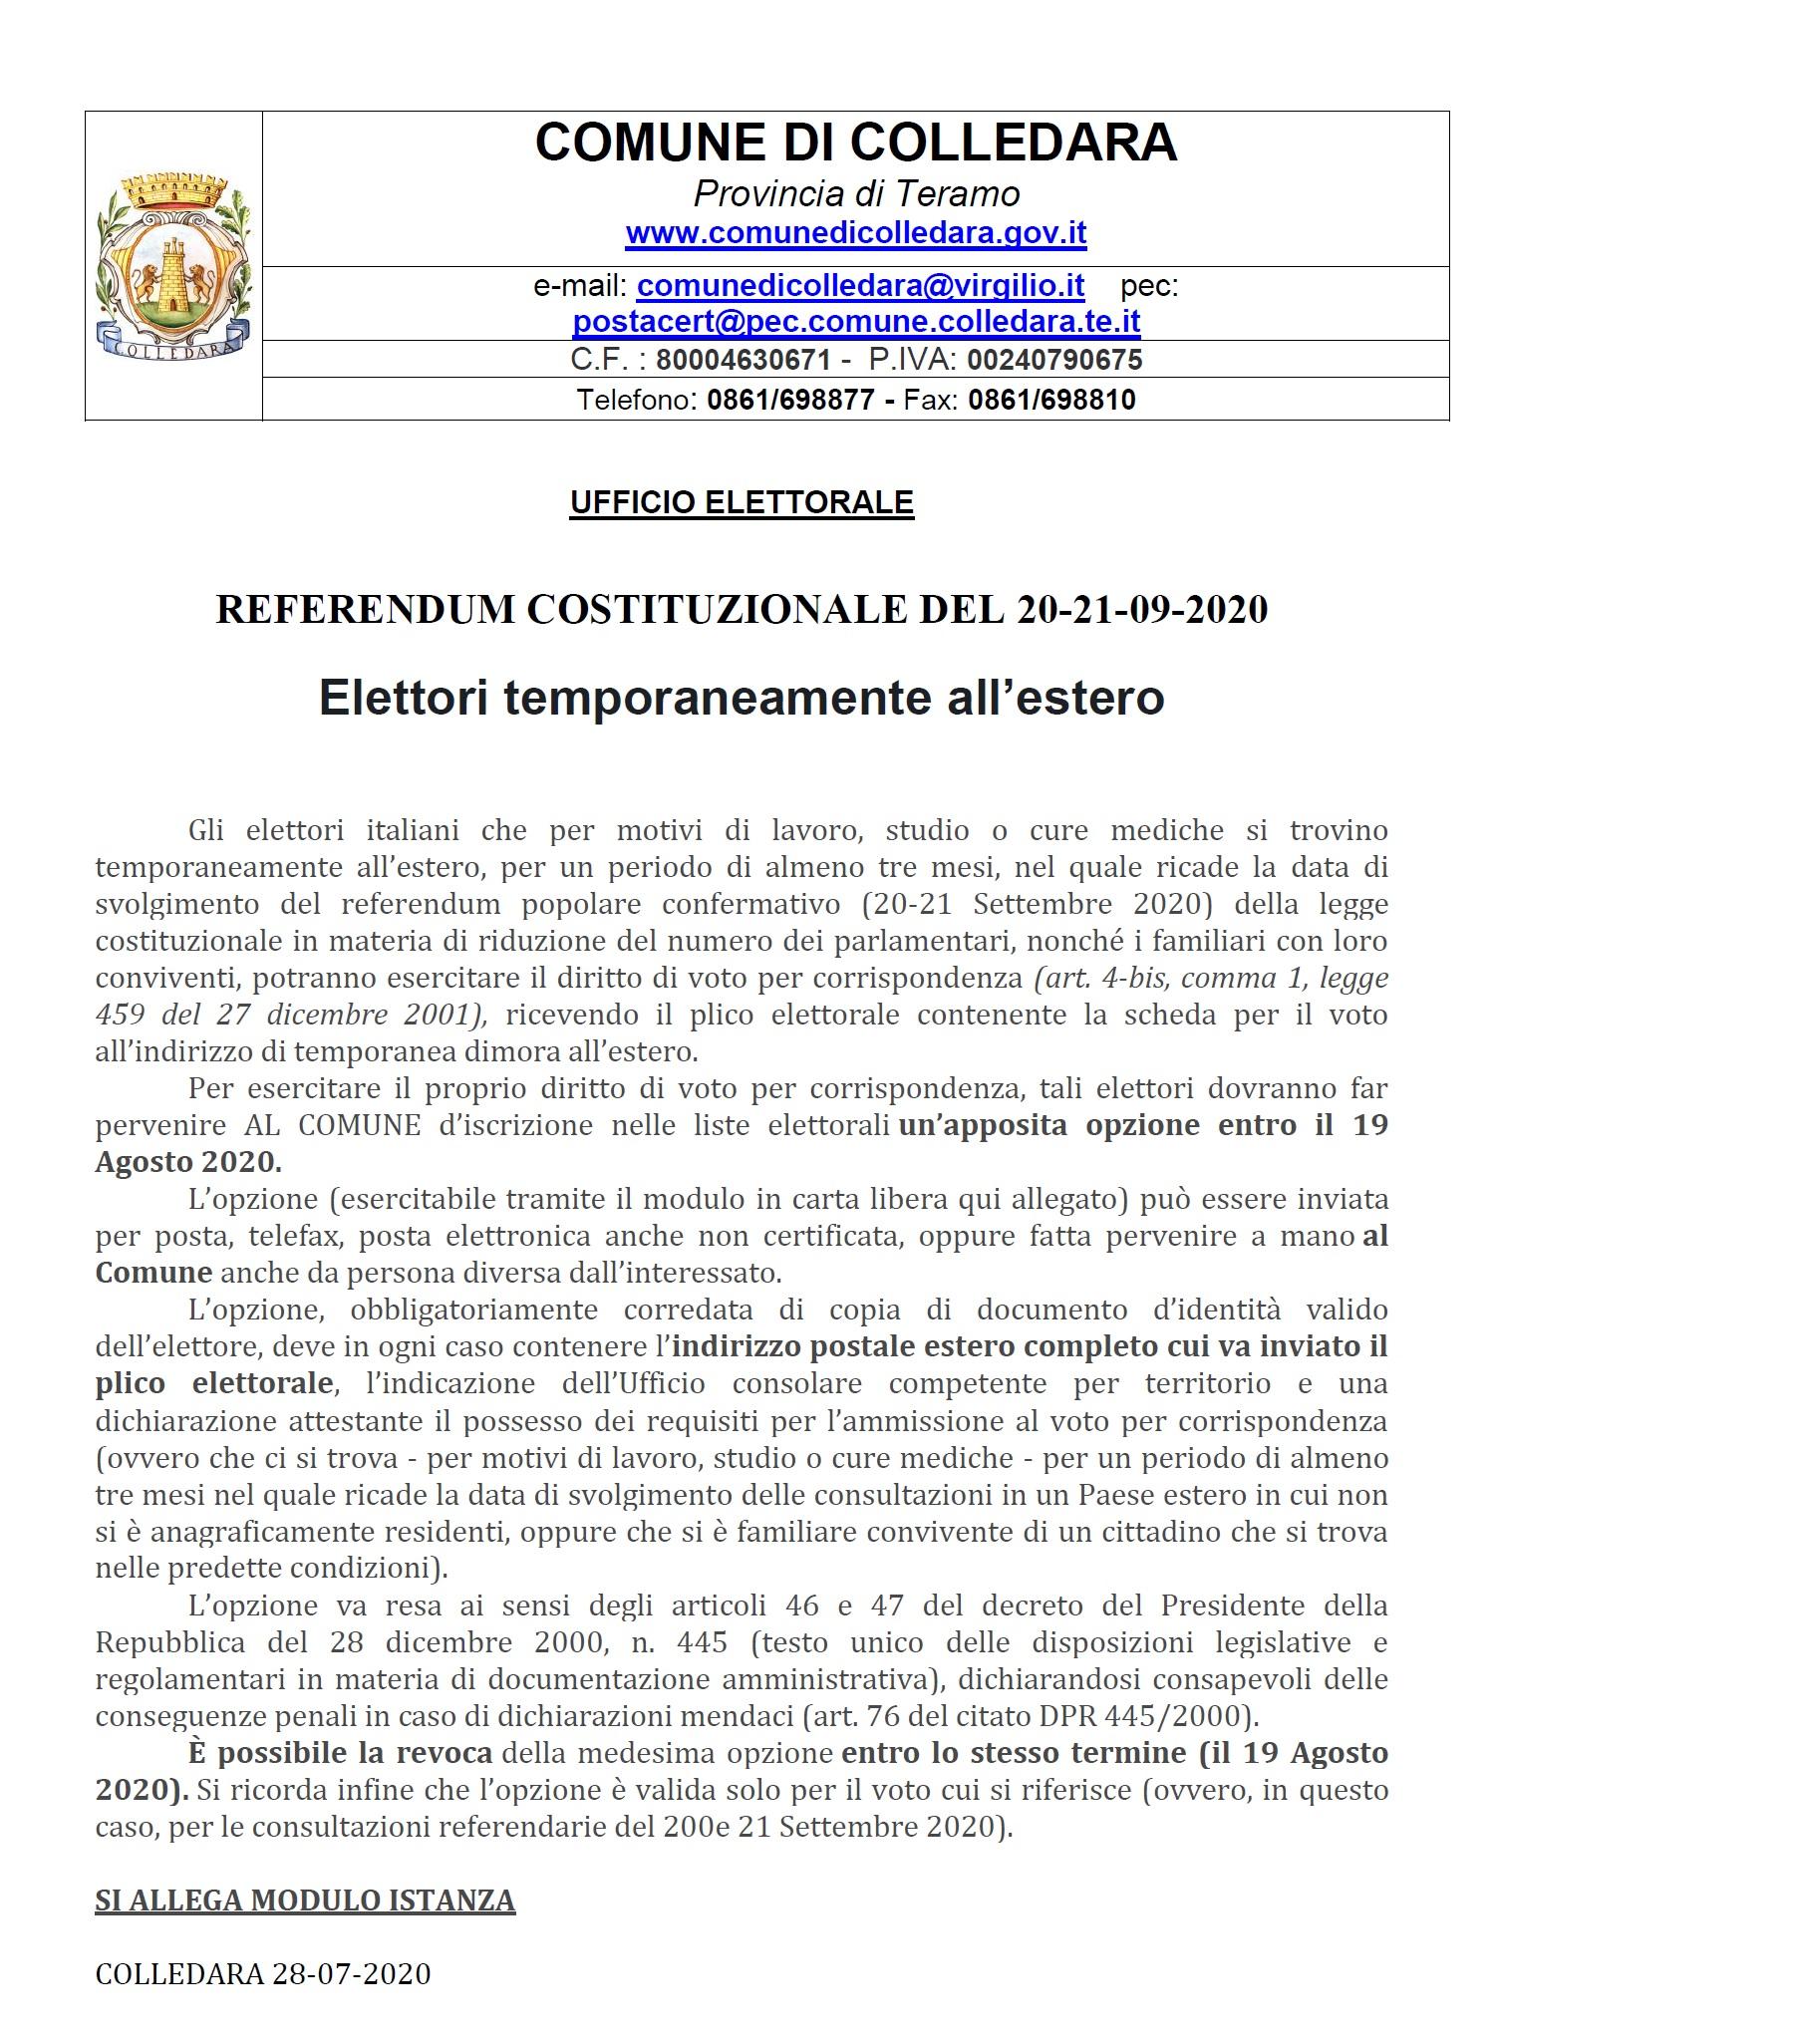 REFERENDUM COSTITUZIONALE AVVISO PER ELETTORI TEMPORANEAMENTE ALL'ESTERO